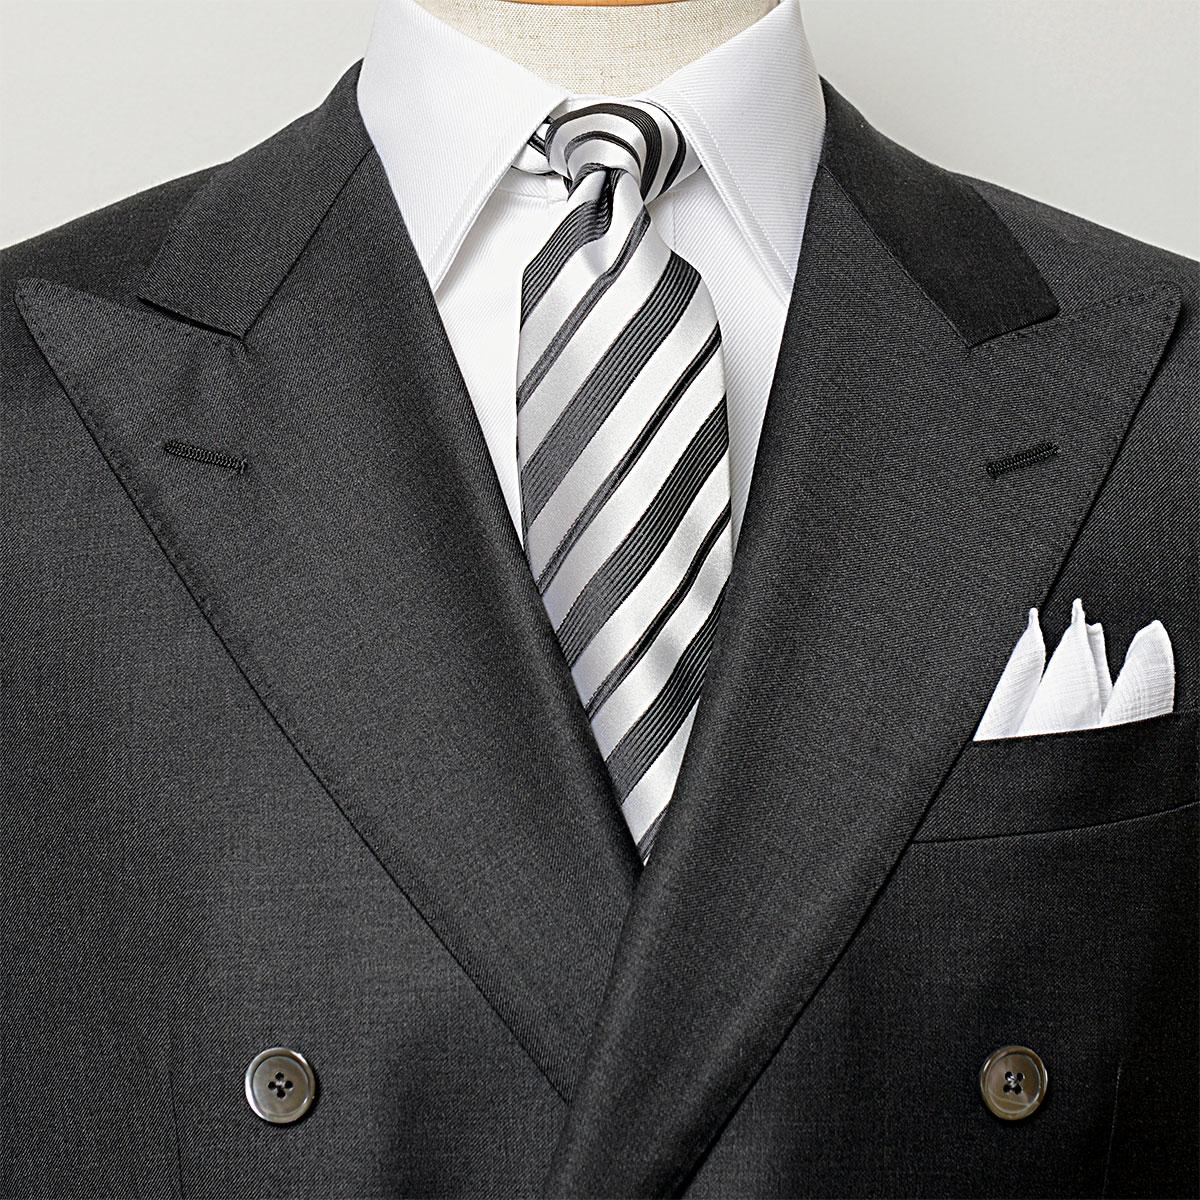 英国VANNERS製 出群 高品質シルク ハンドメイド縫製の上質な高級ネクタイ VANNERSシルク FORMAL モノトーンストライプネクタイ 公式ストア EXCY 日本製ハンドメイド